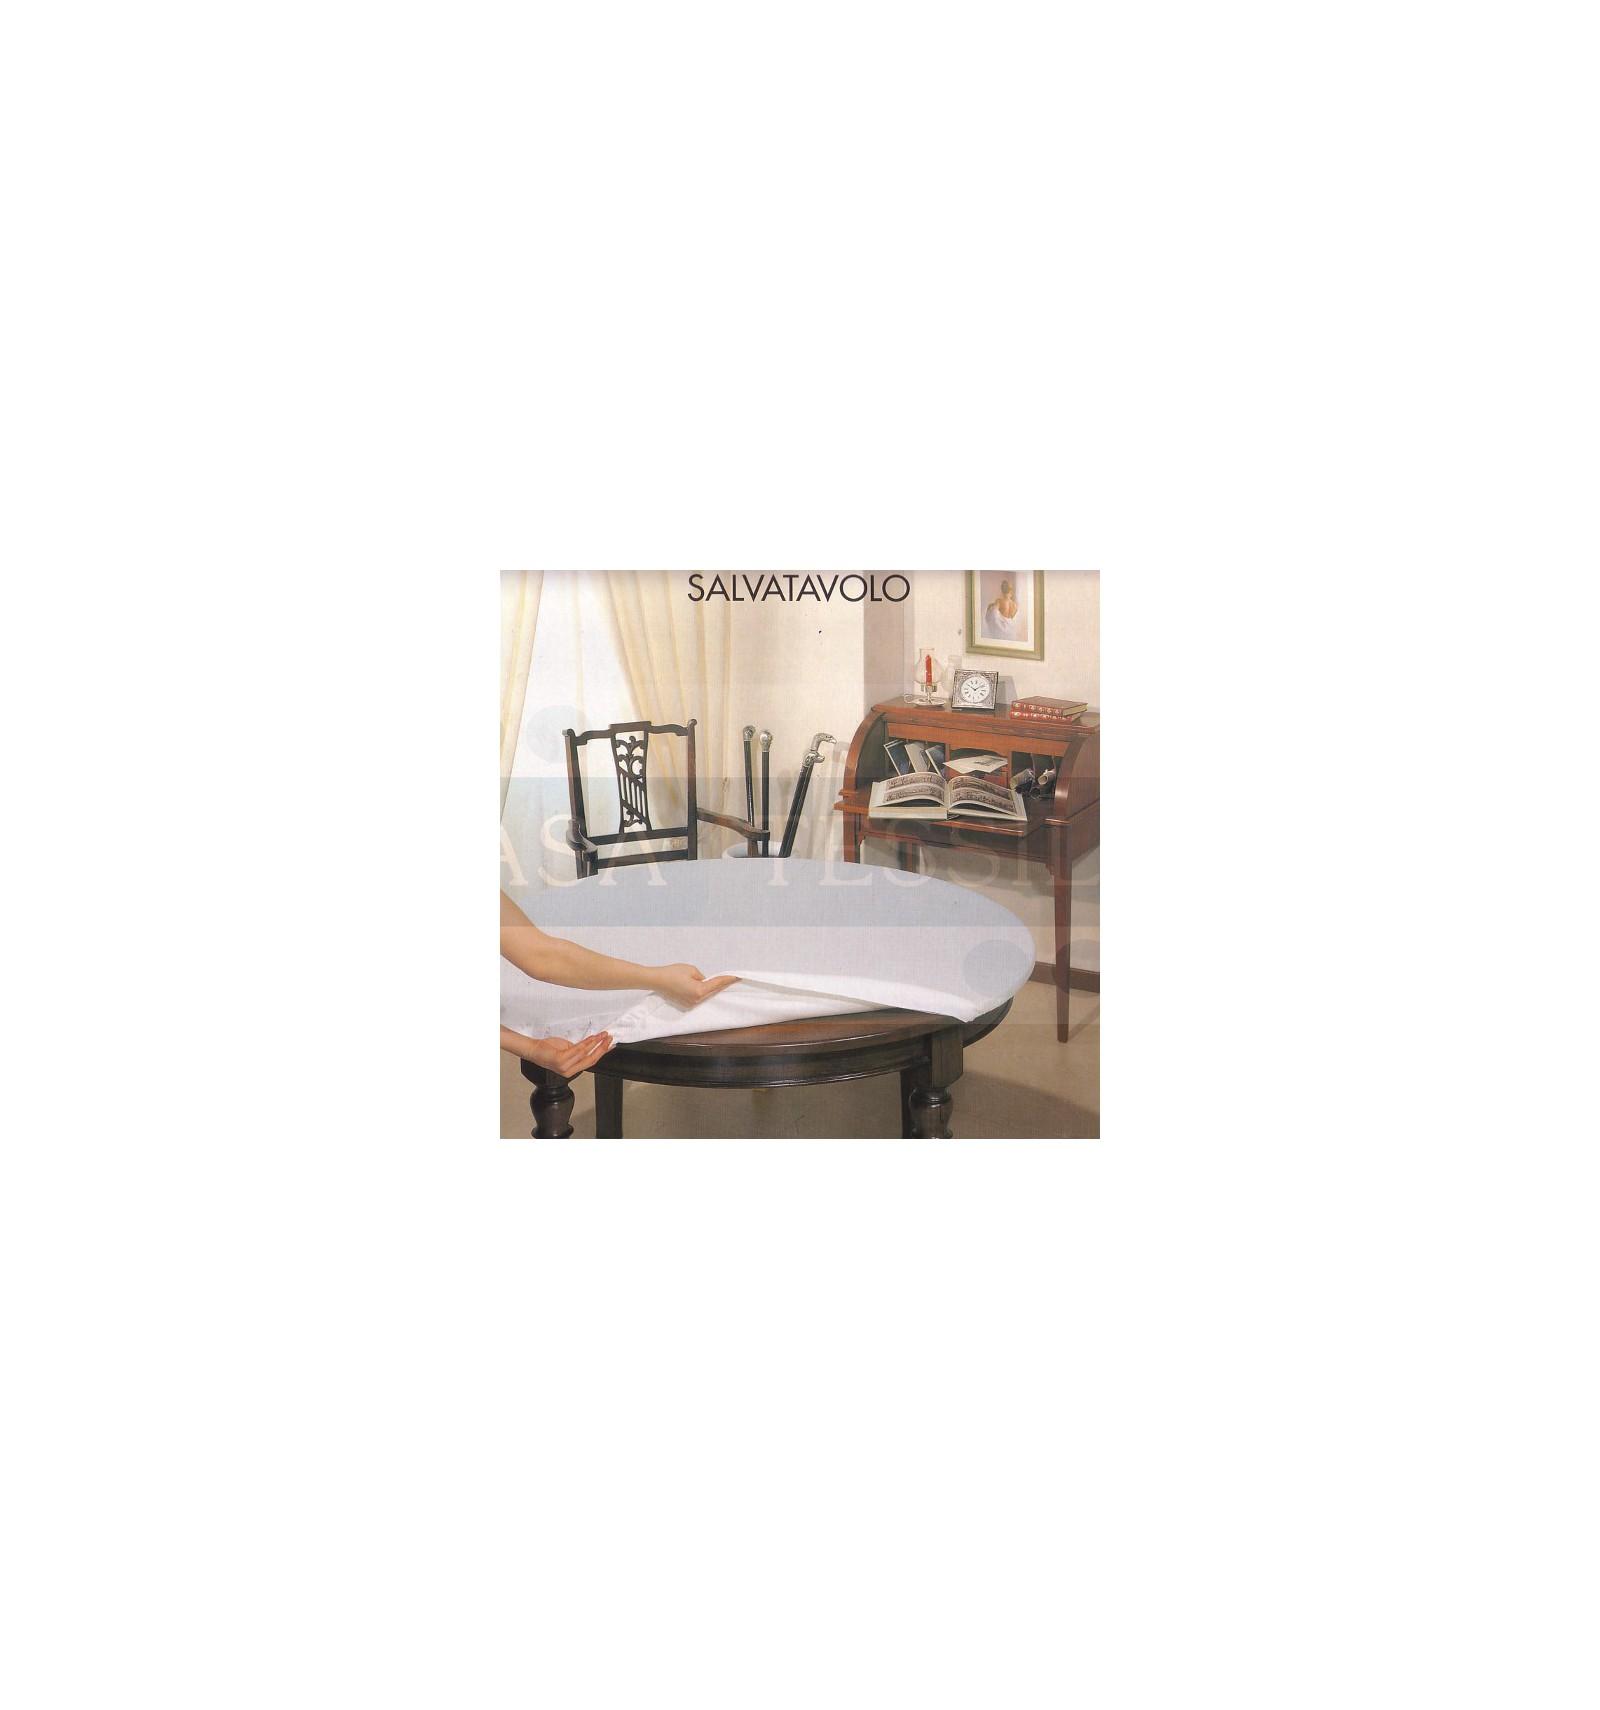 Copritavolo sotto tovaglia ovale cm 140x220 casatessile - Tovaglia per tavolo ovale ...